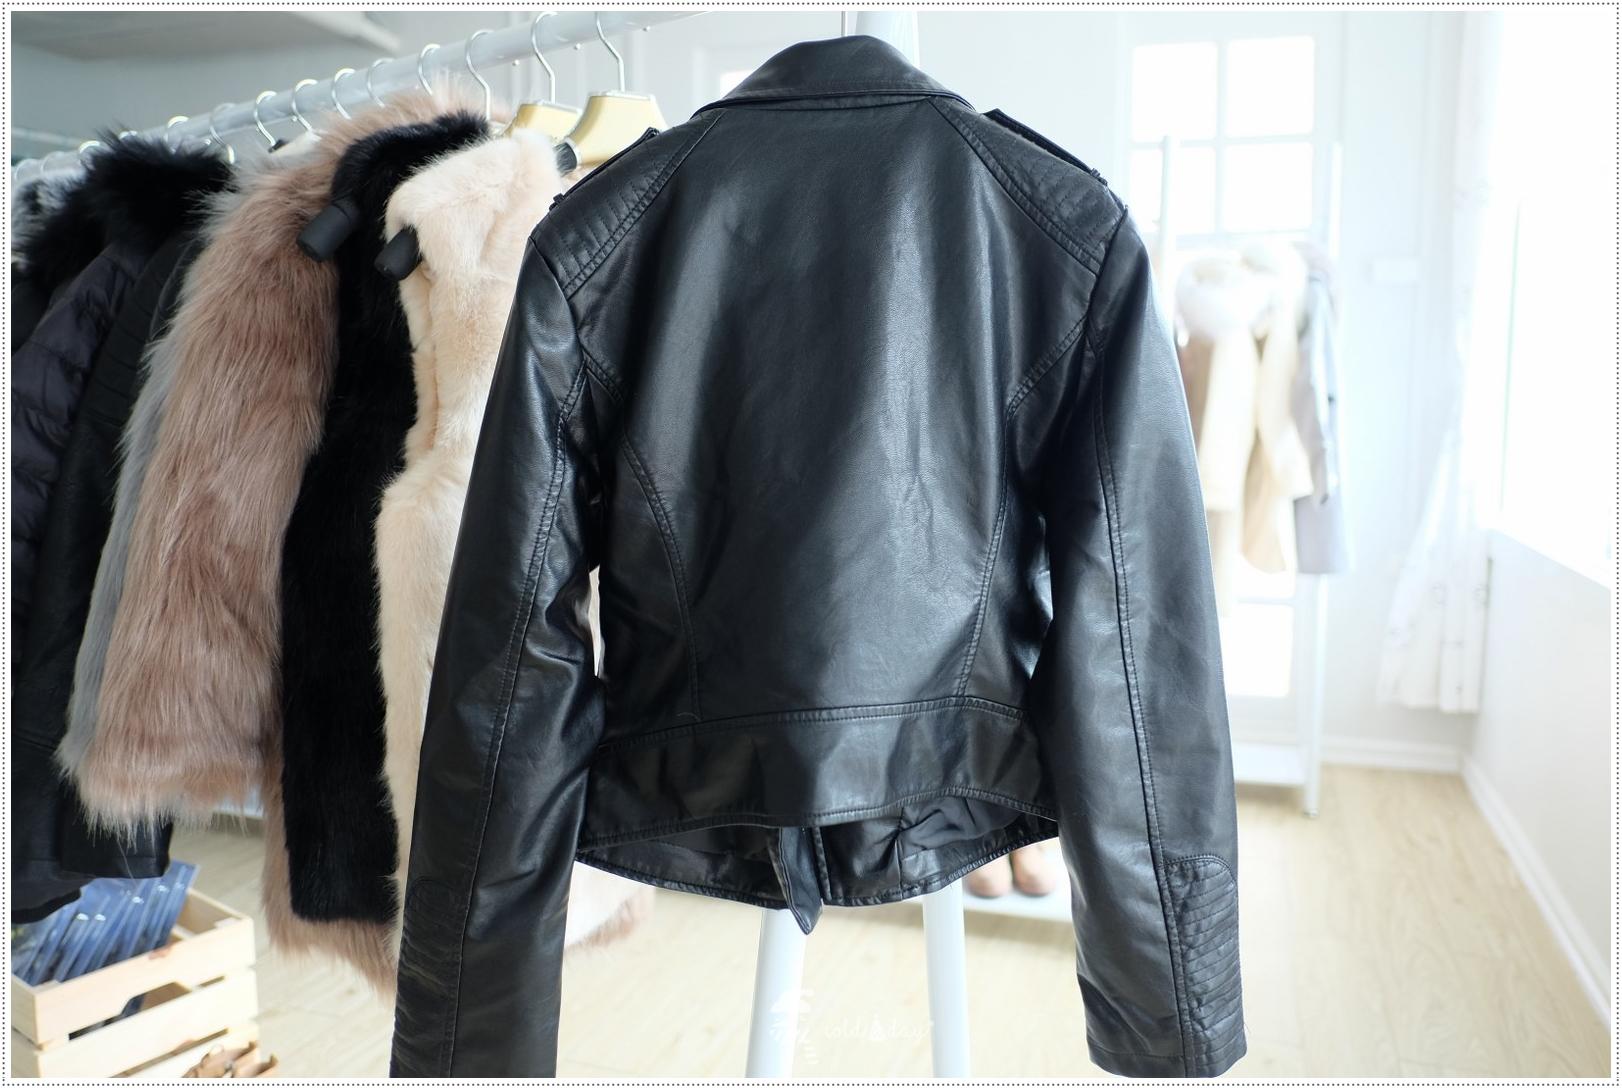 เสื้อหนัง เสื้อแจ็คเก็ต เช่าเสื้อหนัง เช่าเสื้อแจ็คเก็ต